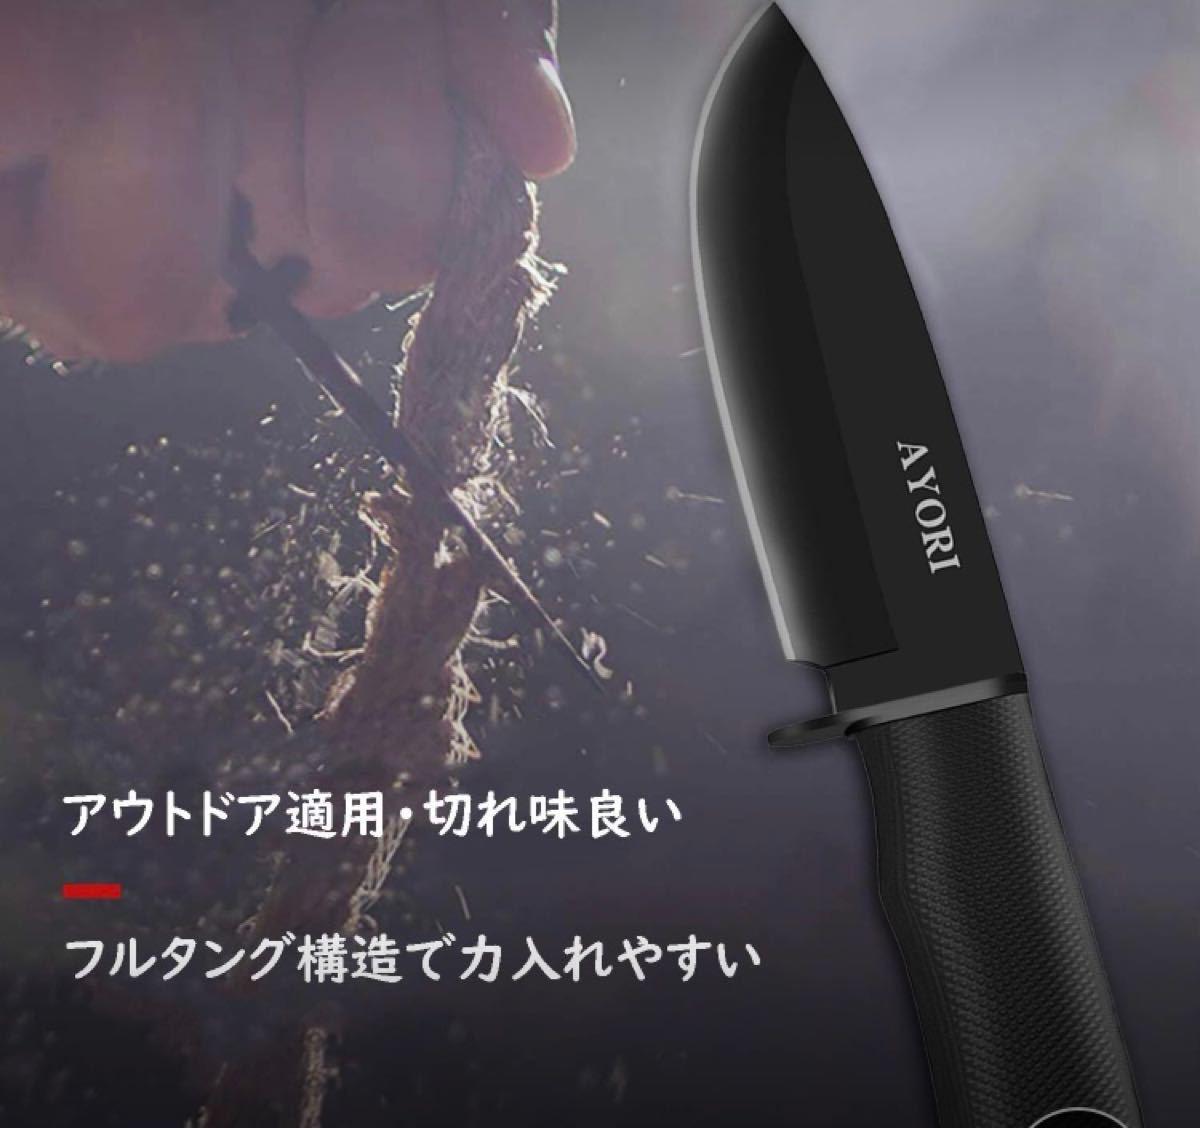 アウトドア愛好者にオススメ  LEDランタン と ナイフ